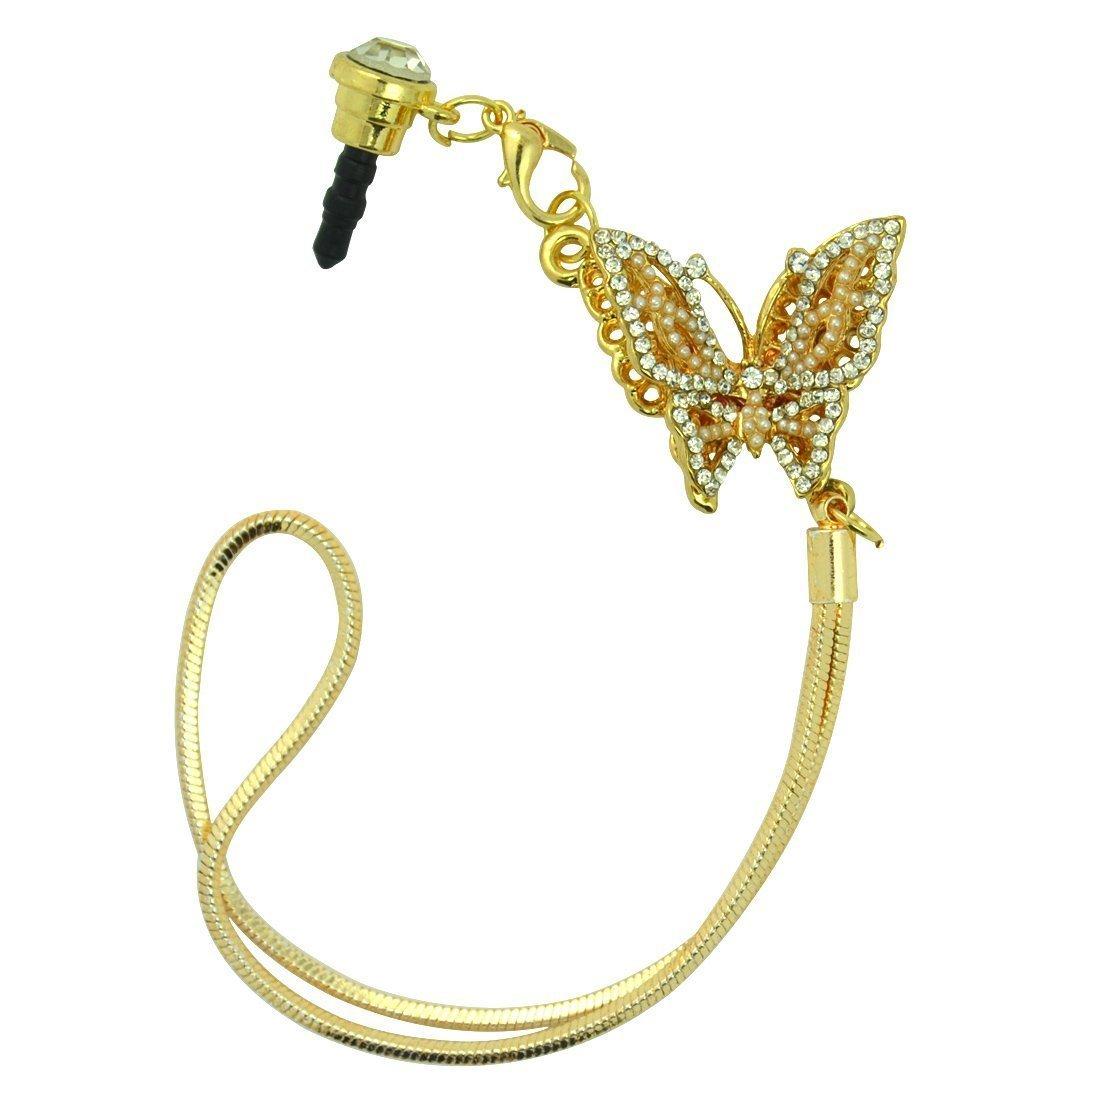 mạ điện ba chiều Ngọc bướm mặt dây chuyền kim loại tai nghe nhét điện thoại chống bụi Iphone4/Ipad/I